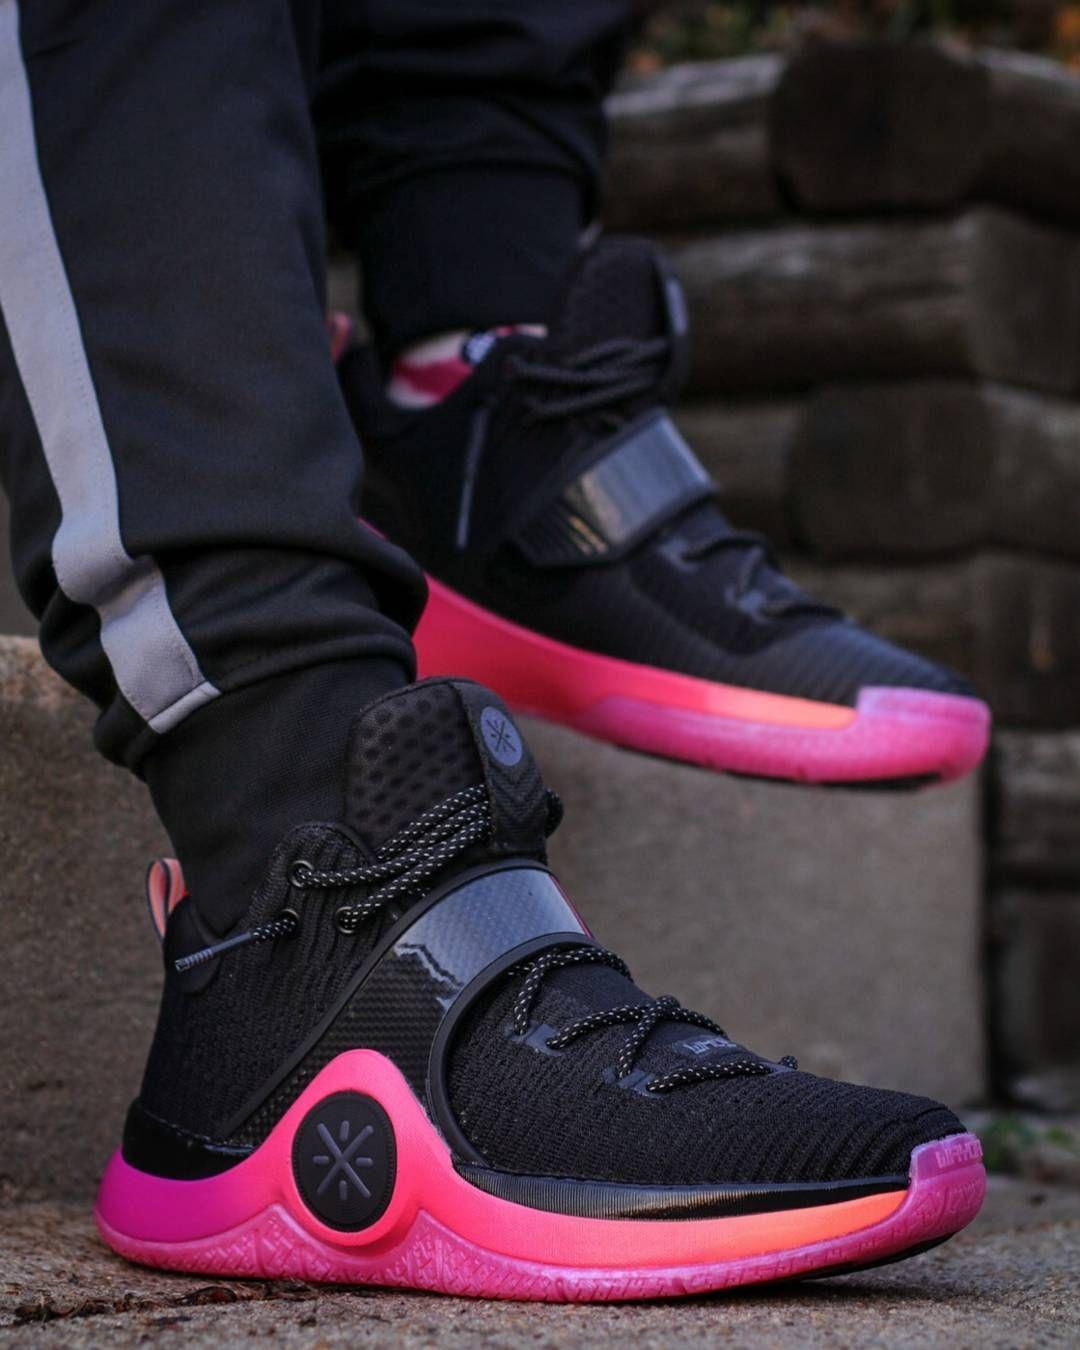 Sneakers nike, Air jordan